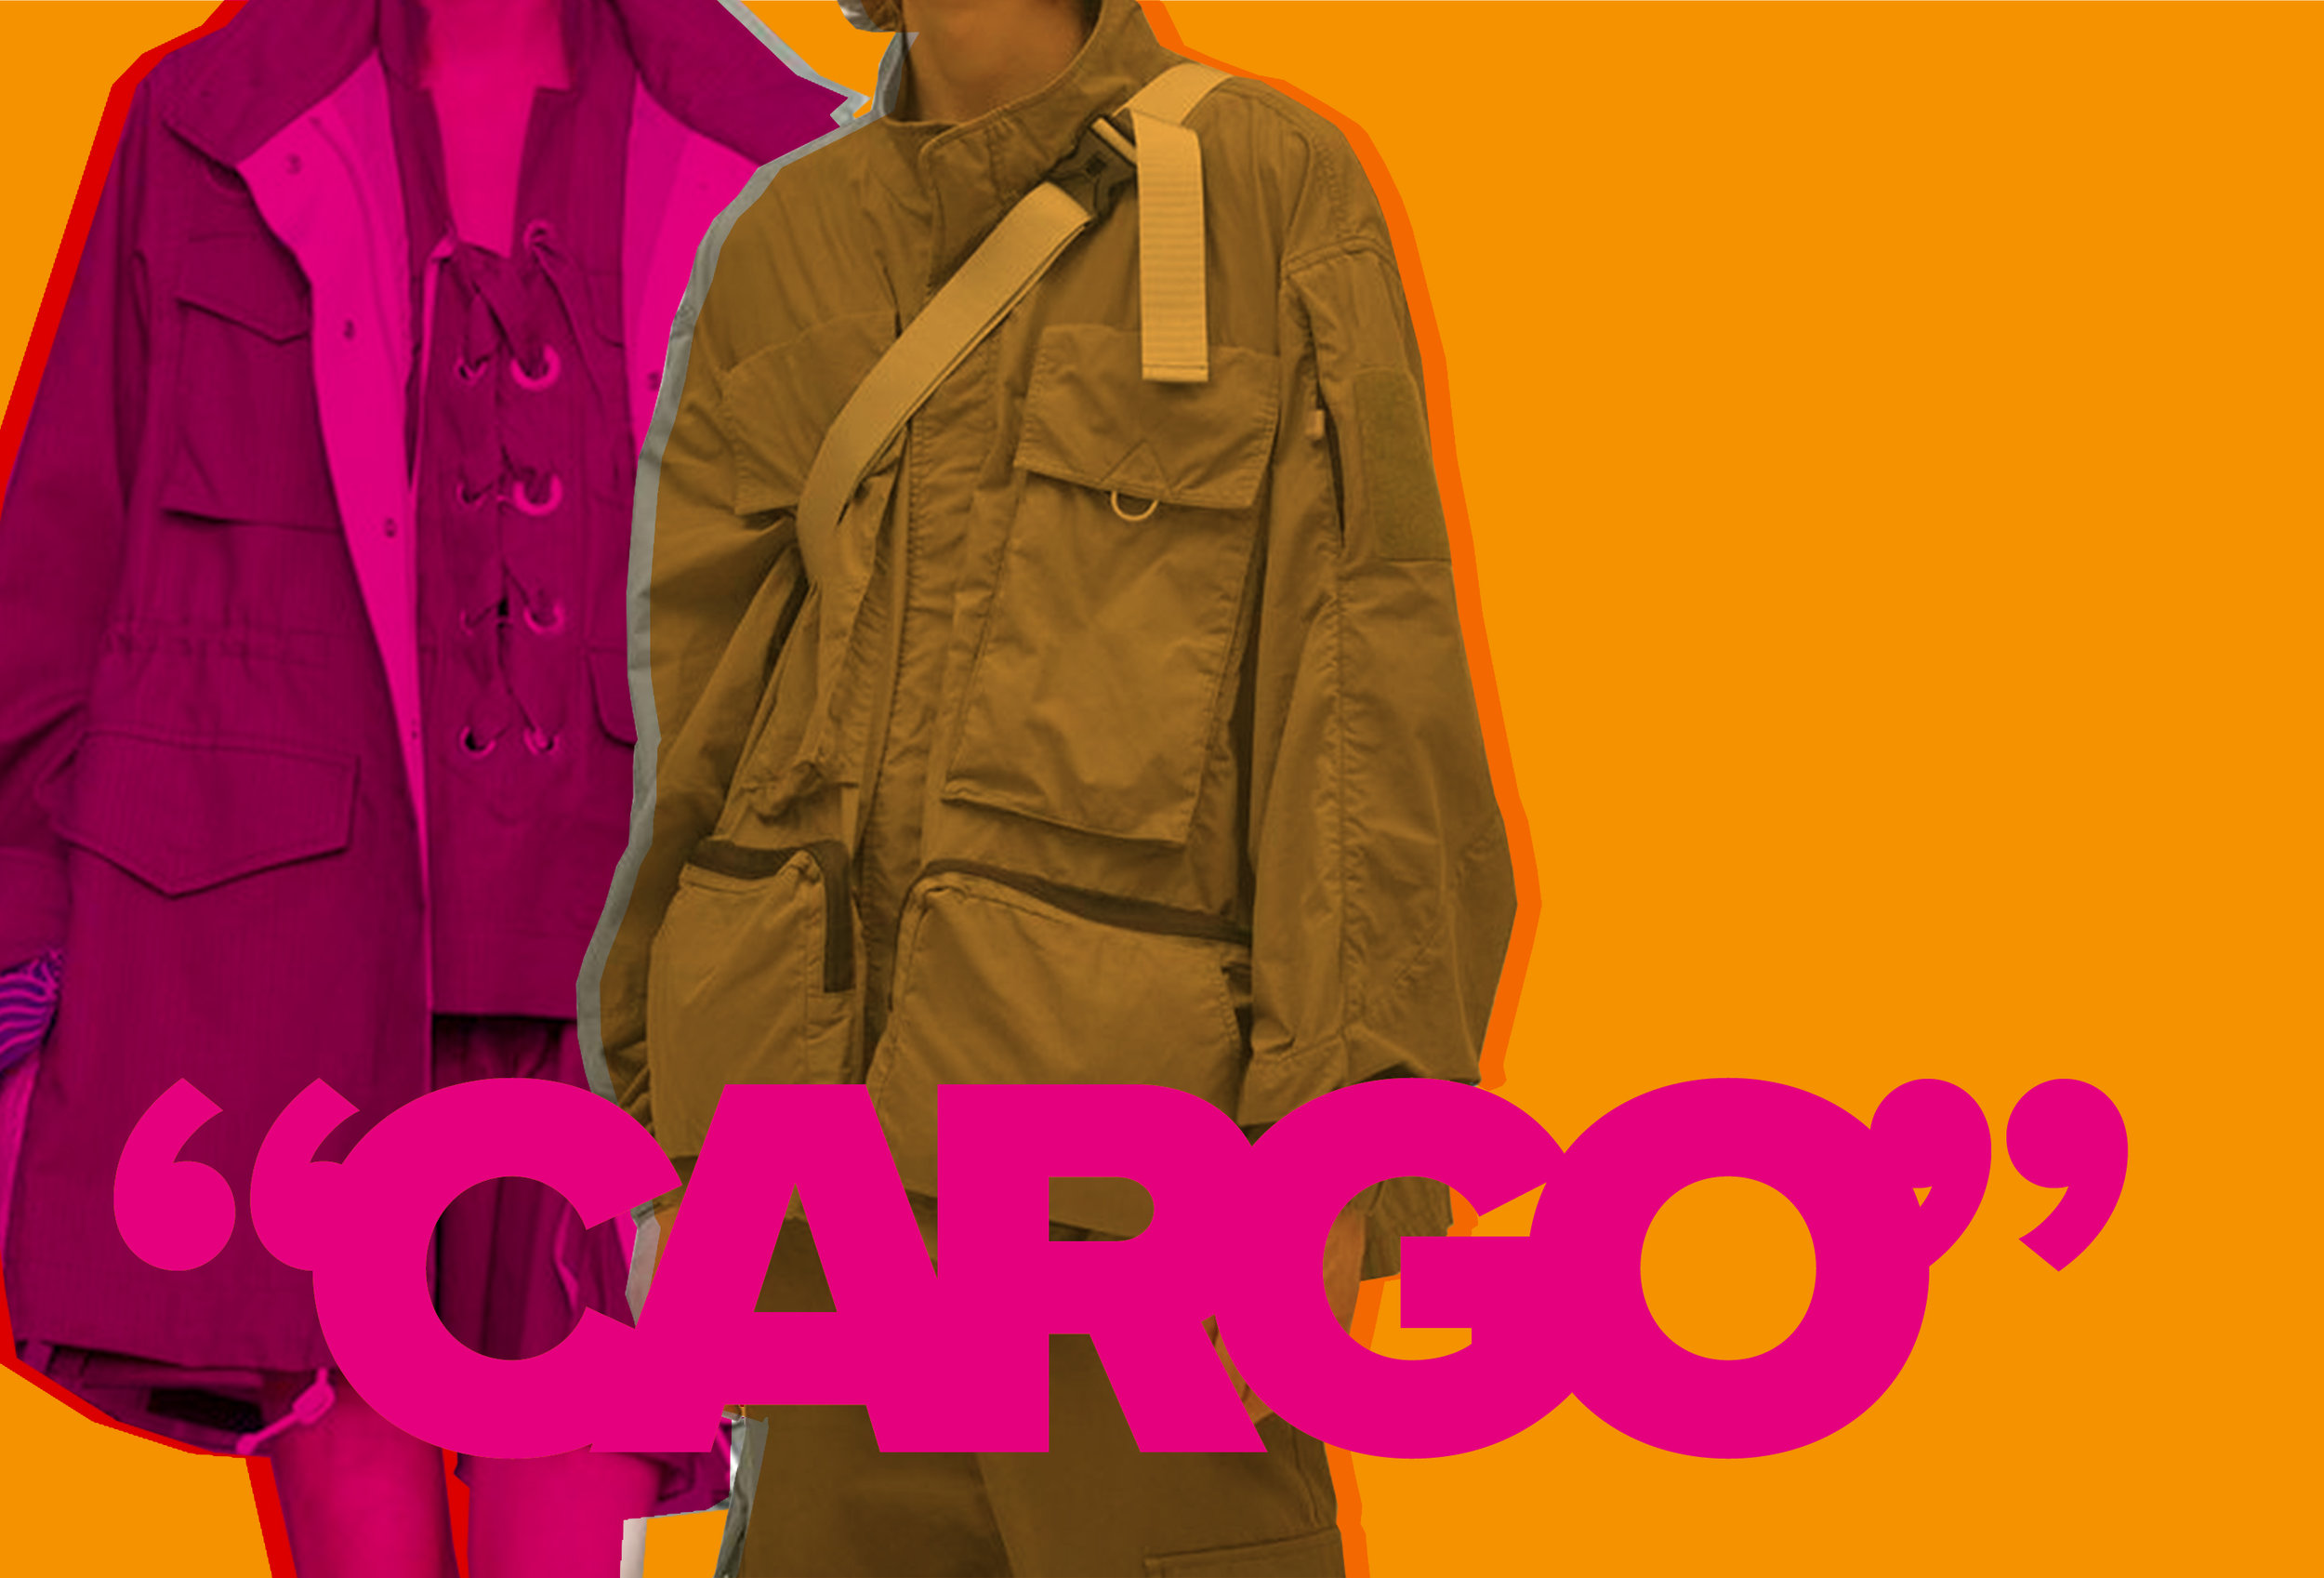 CARGO-02.jpg